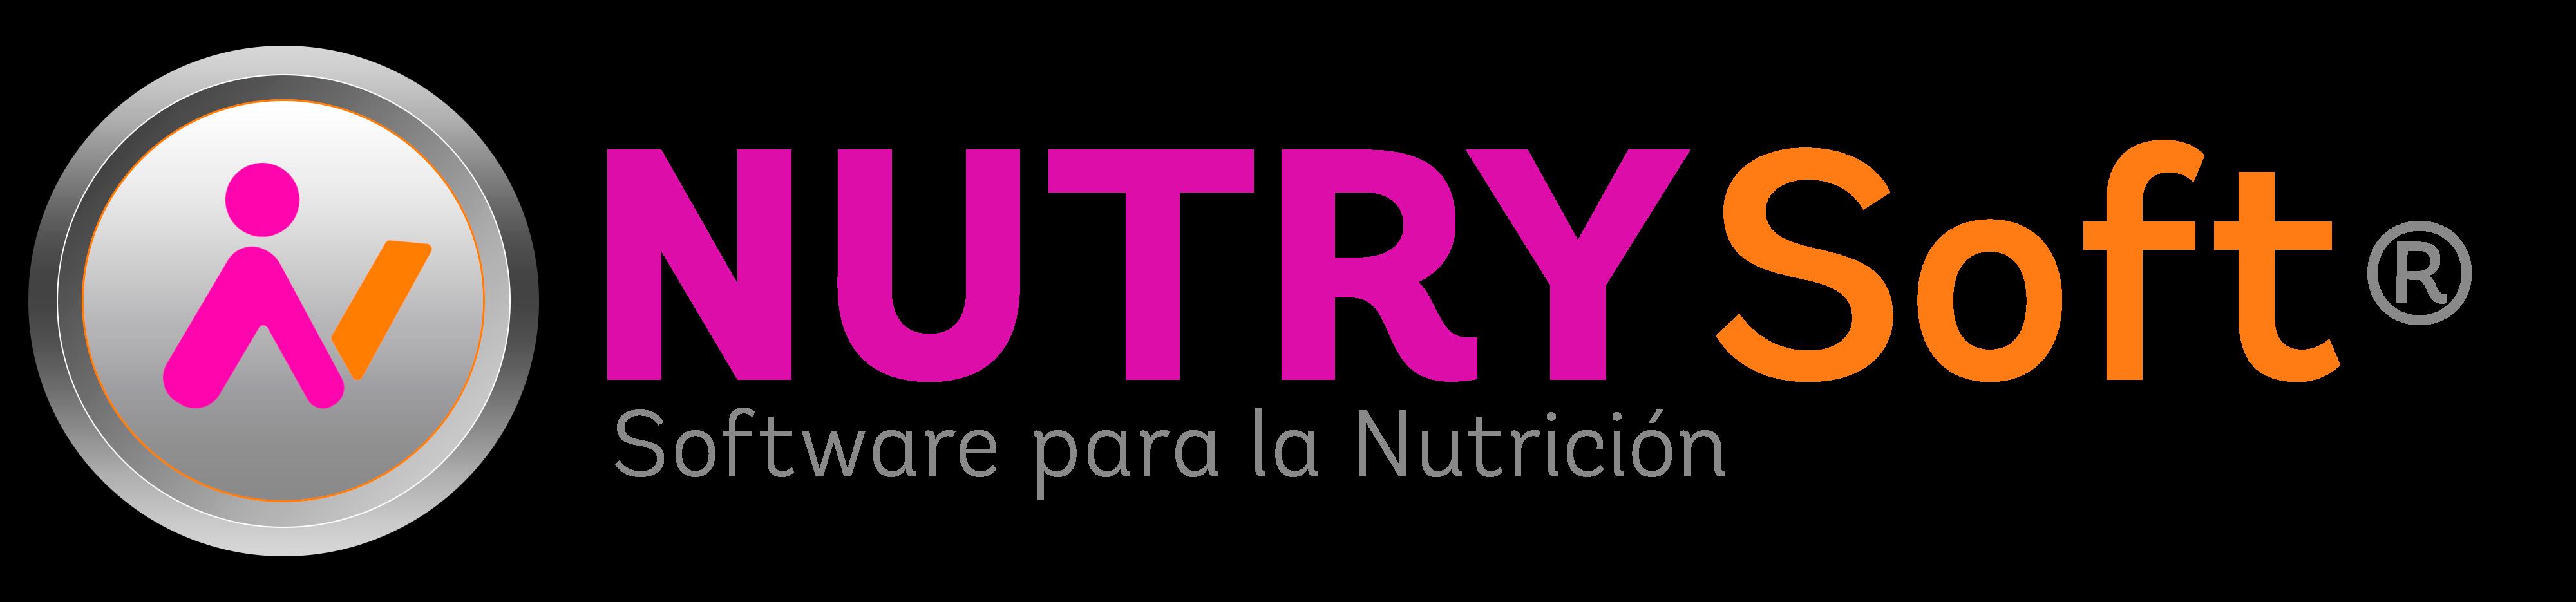 NUTRYSoft®